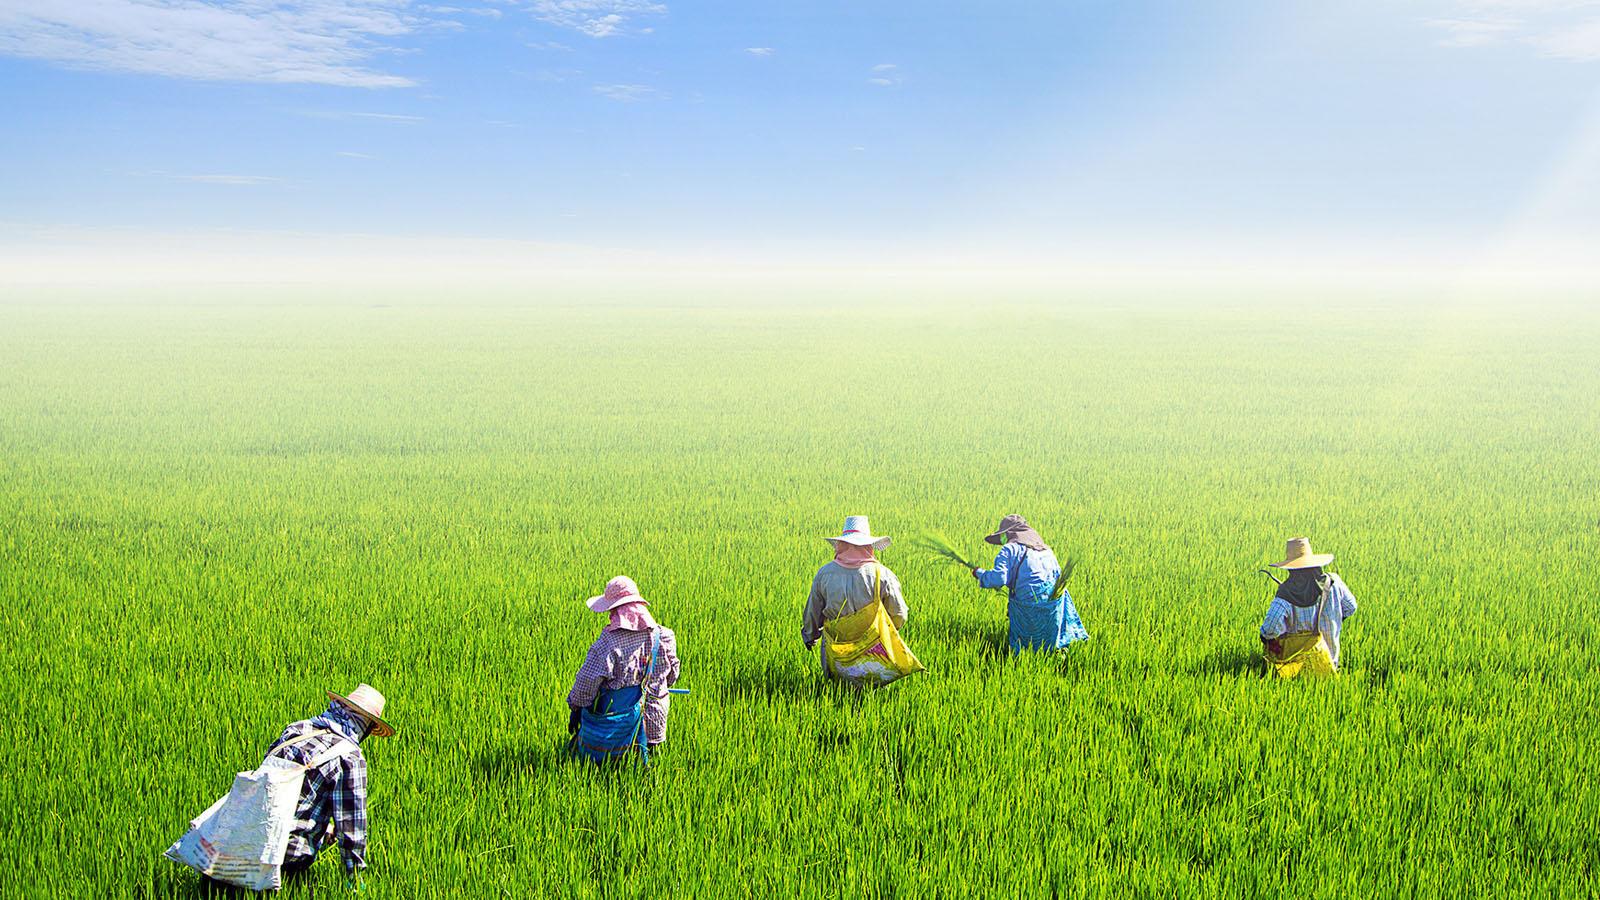 ร่วมสร้างสังคมเกษตรอินทรีย์ วิถีความสุขที่ยั่งยืน | ออมสุข-วิสาหกิจเพื่อชุมชม